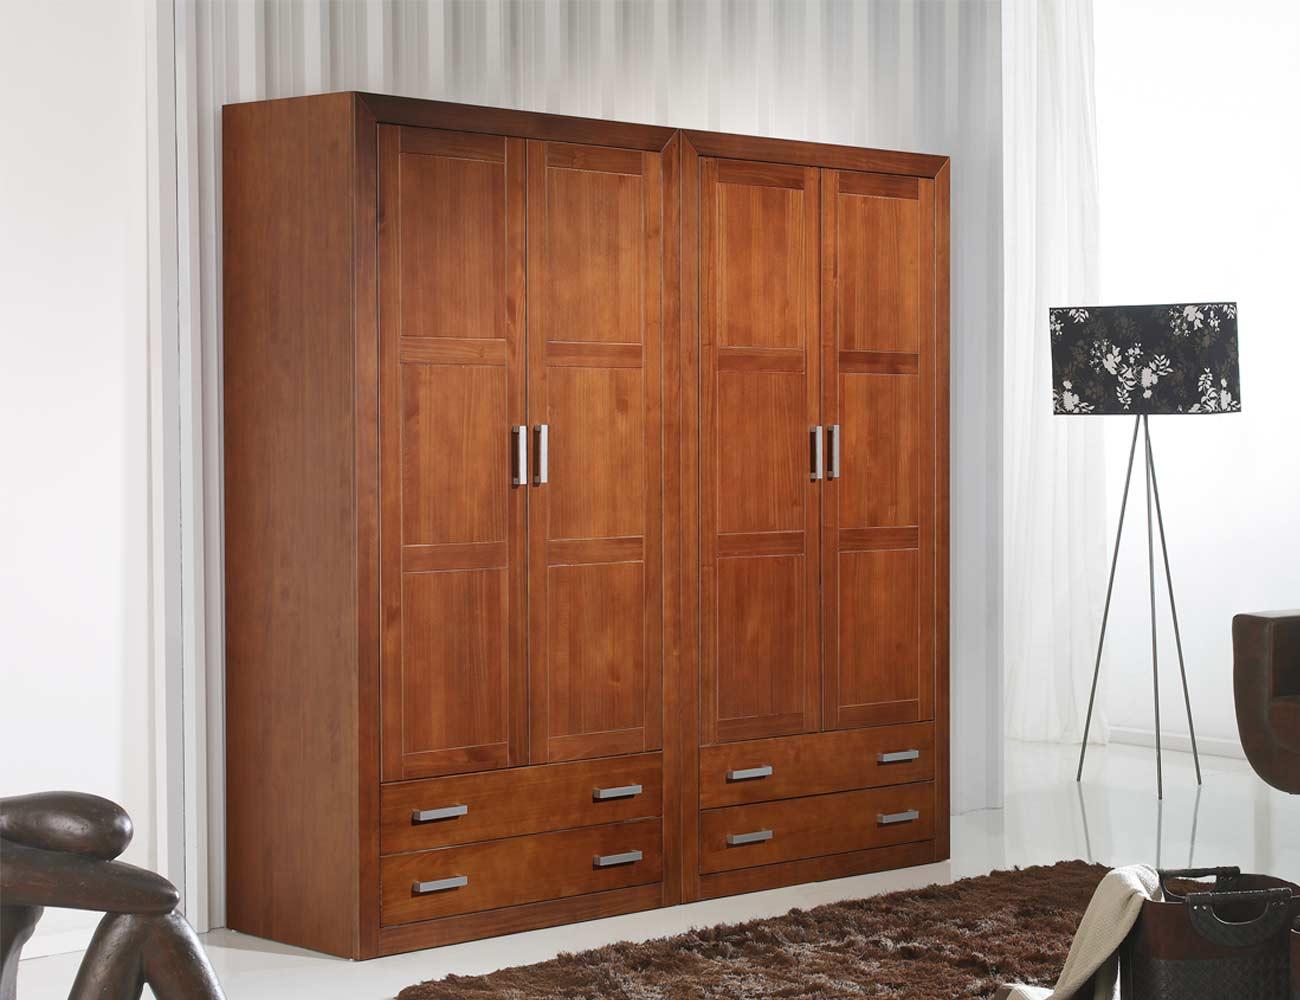 Armario madera puertas abatibles nogal